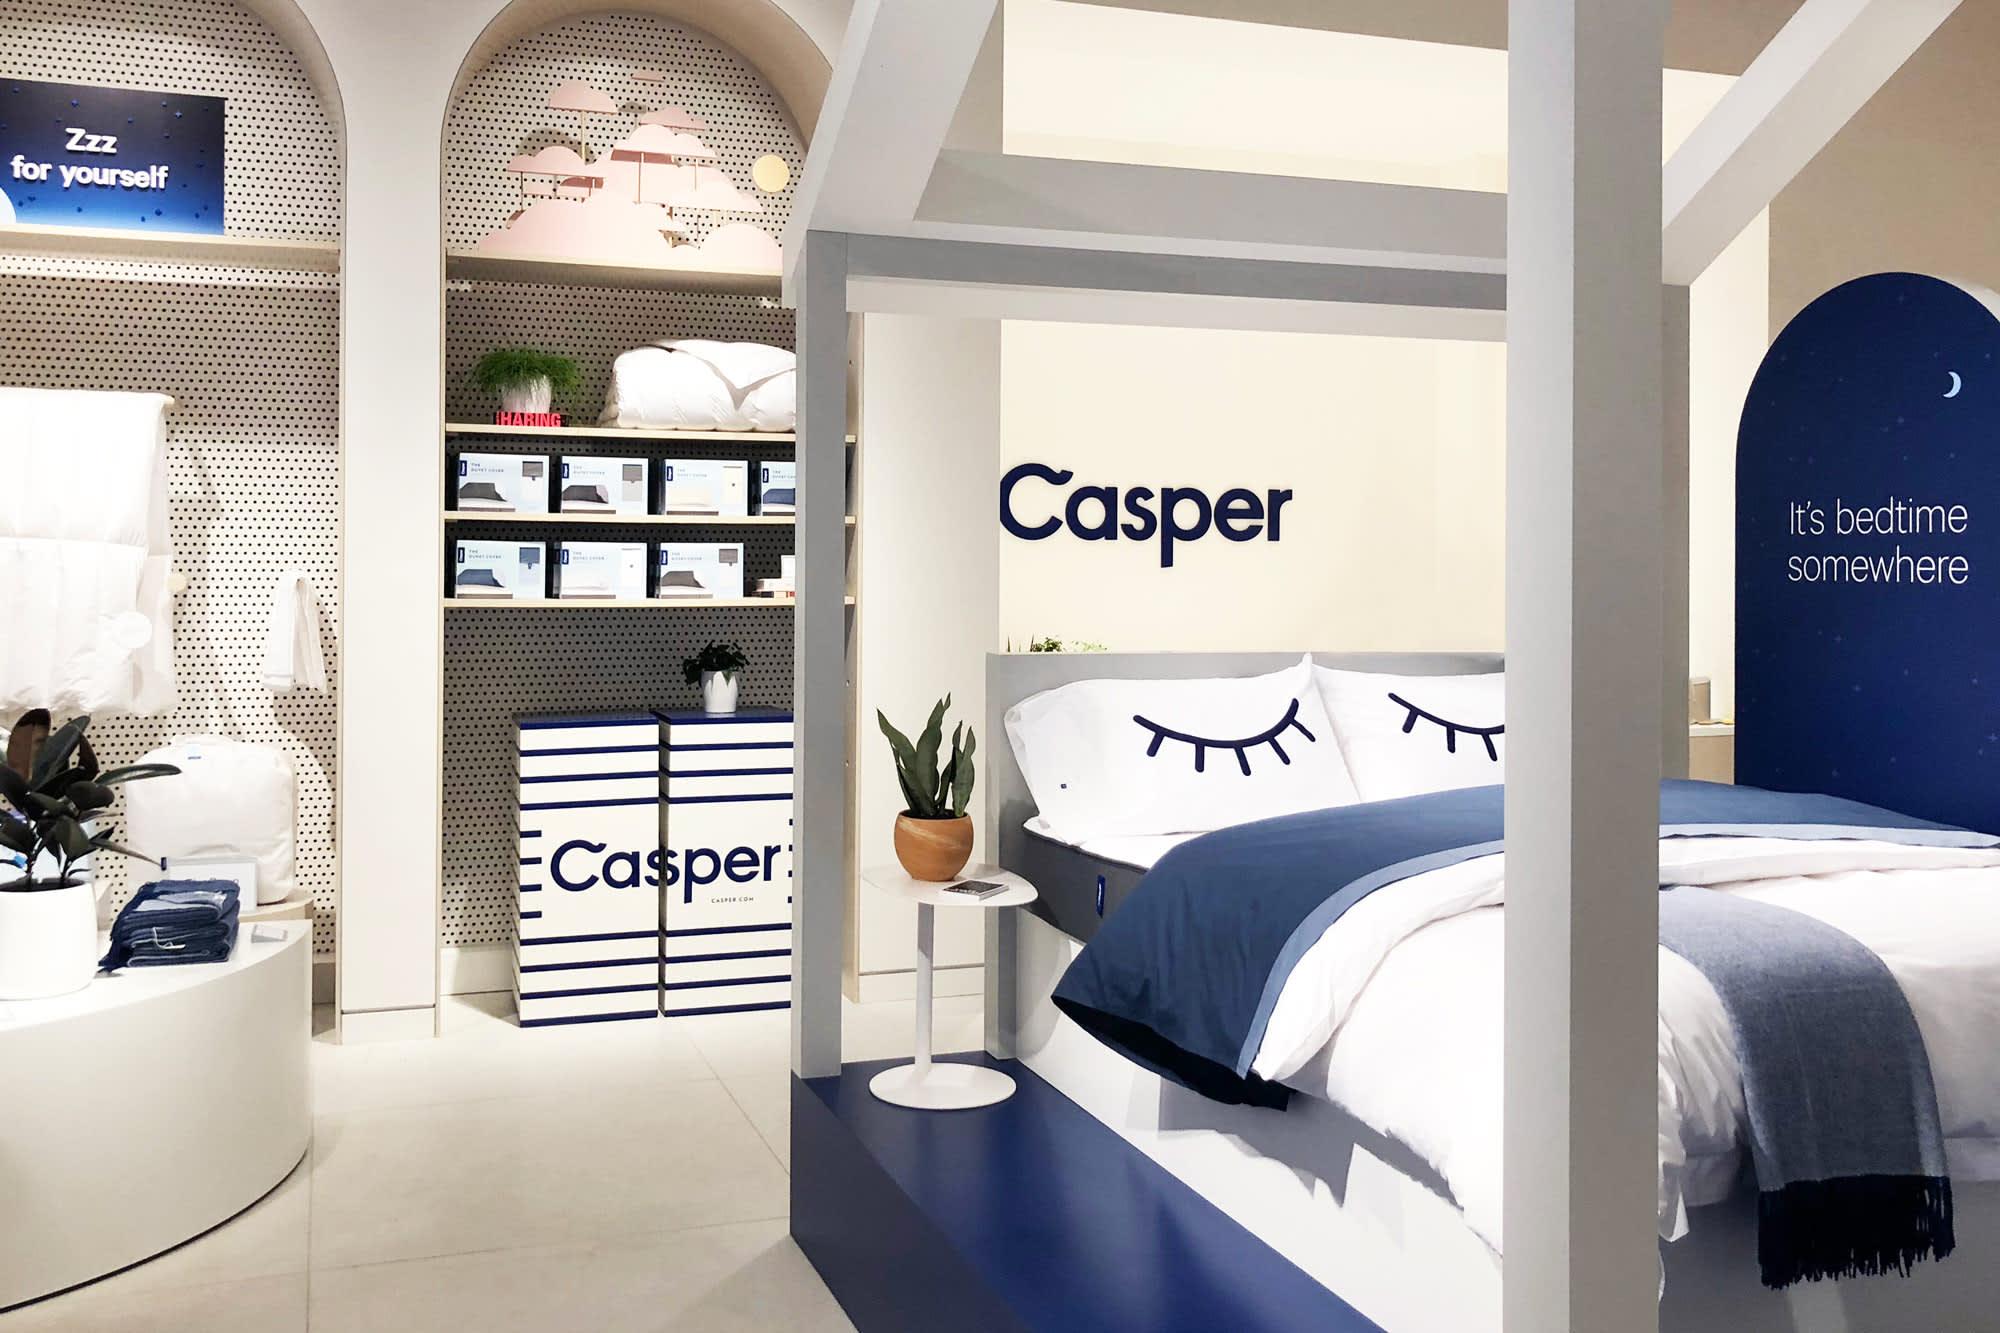 Online mattress retailer Casper IPO to raise $182.4 million